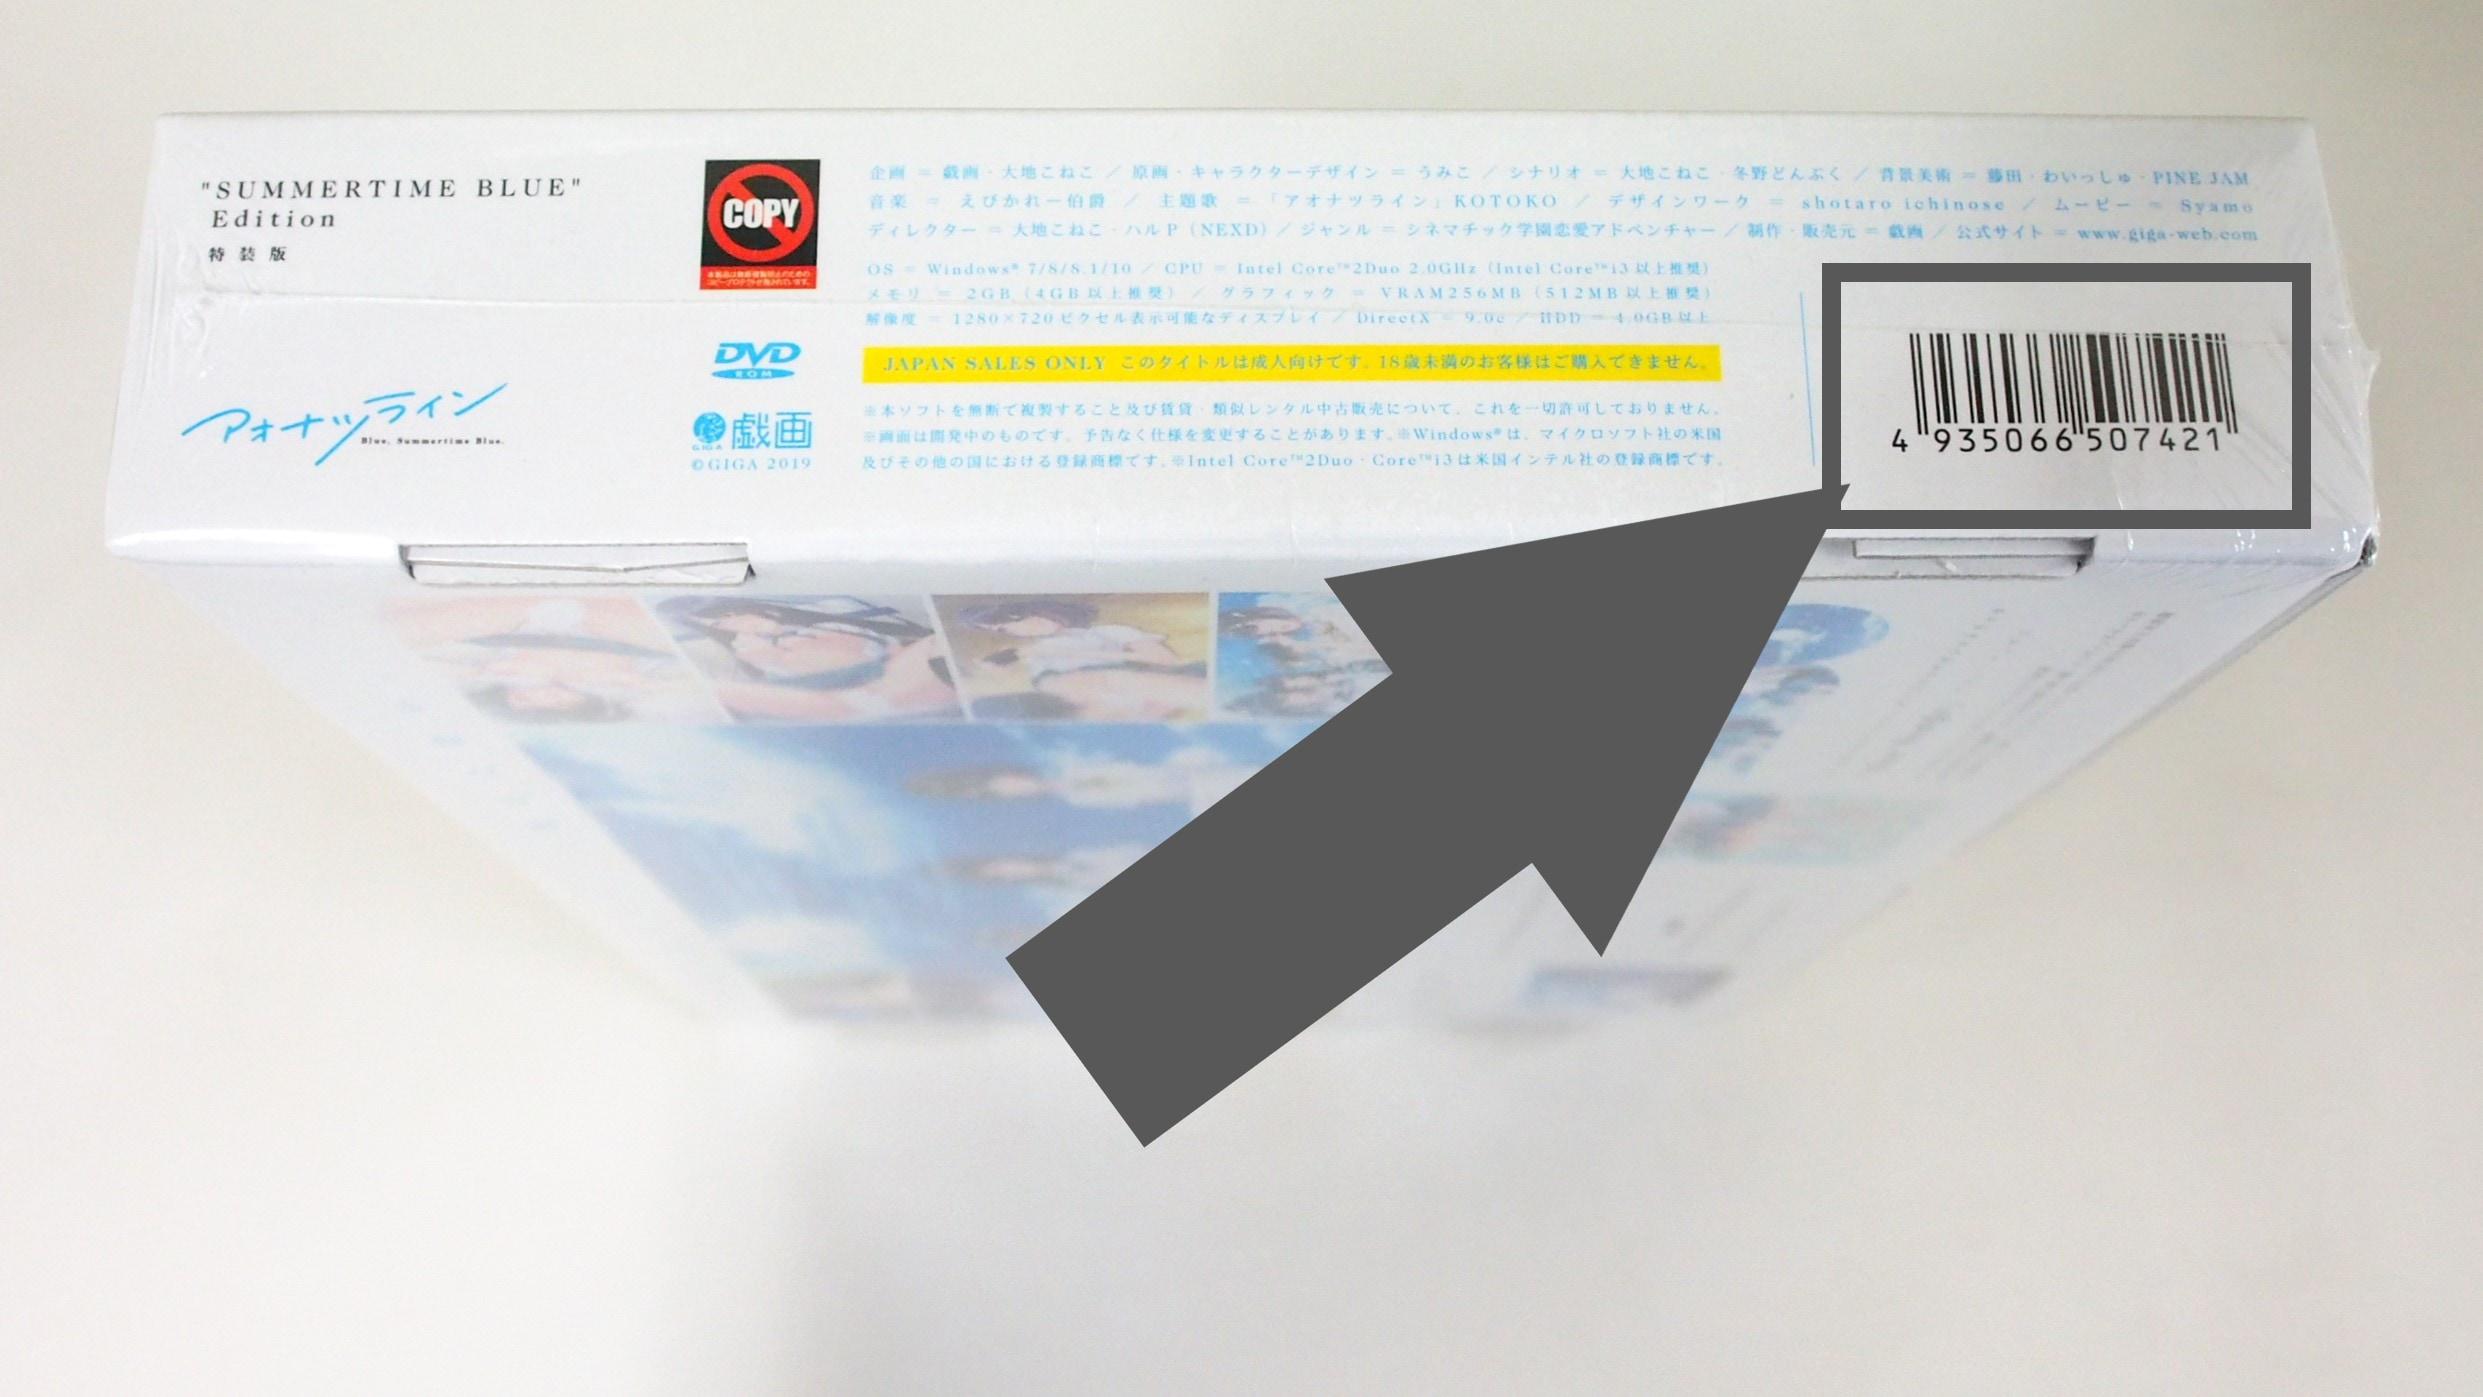 買取したアオナツライン特装版 SUMMERTIME BLUE Editionのバーコード部分